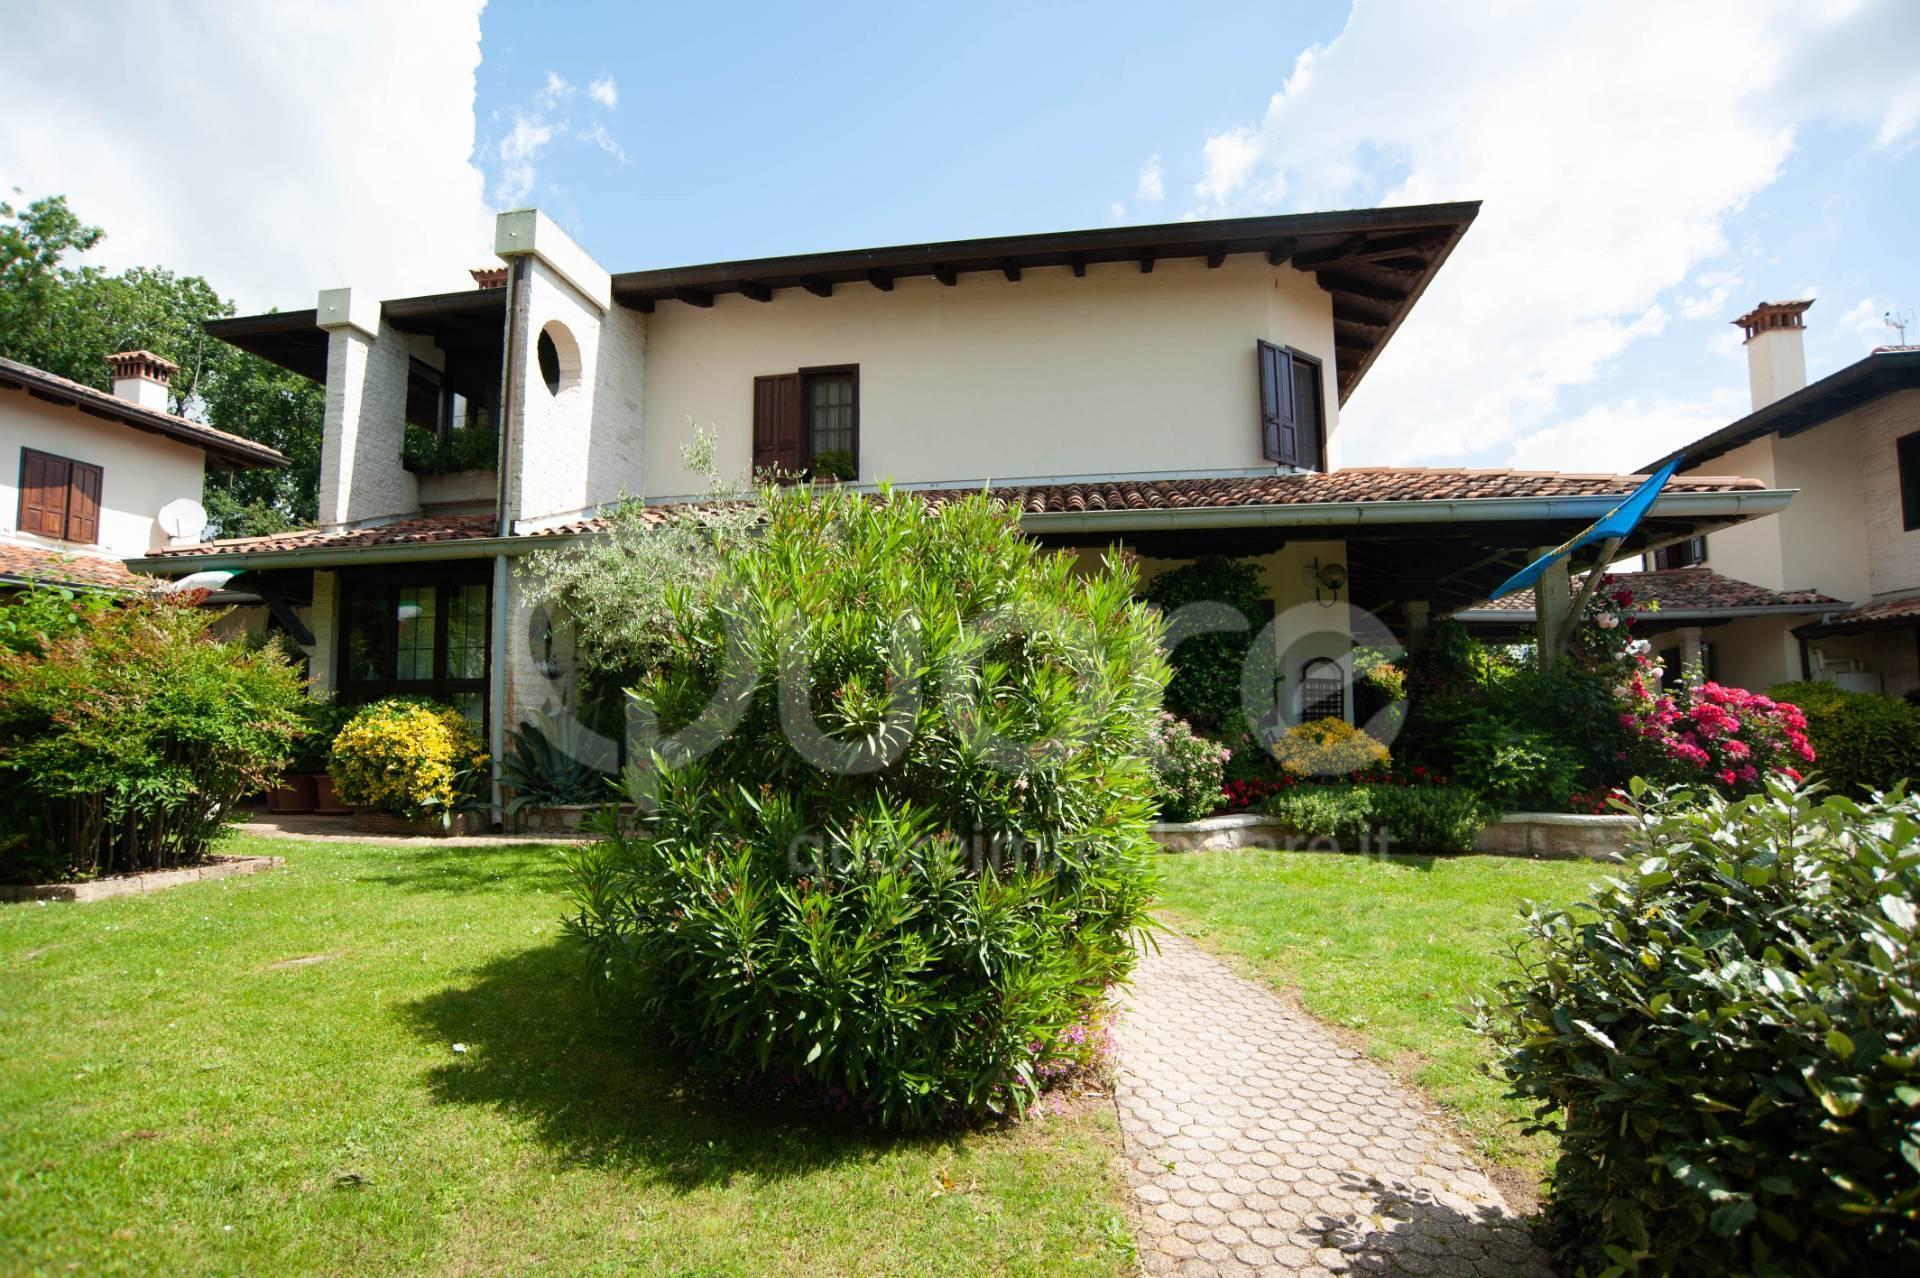 Villa in vendita a Fagagna, 7 locali, prezzo € 385.000 | CambioCasa.it